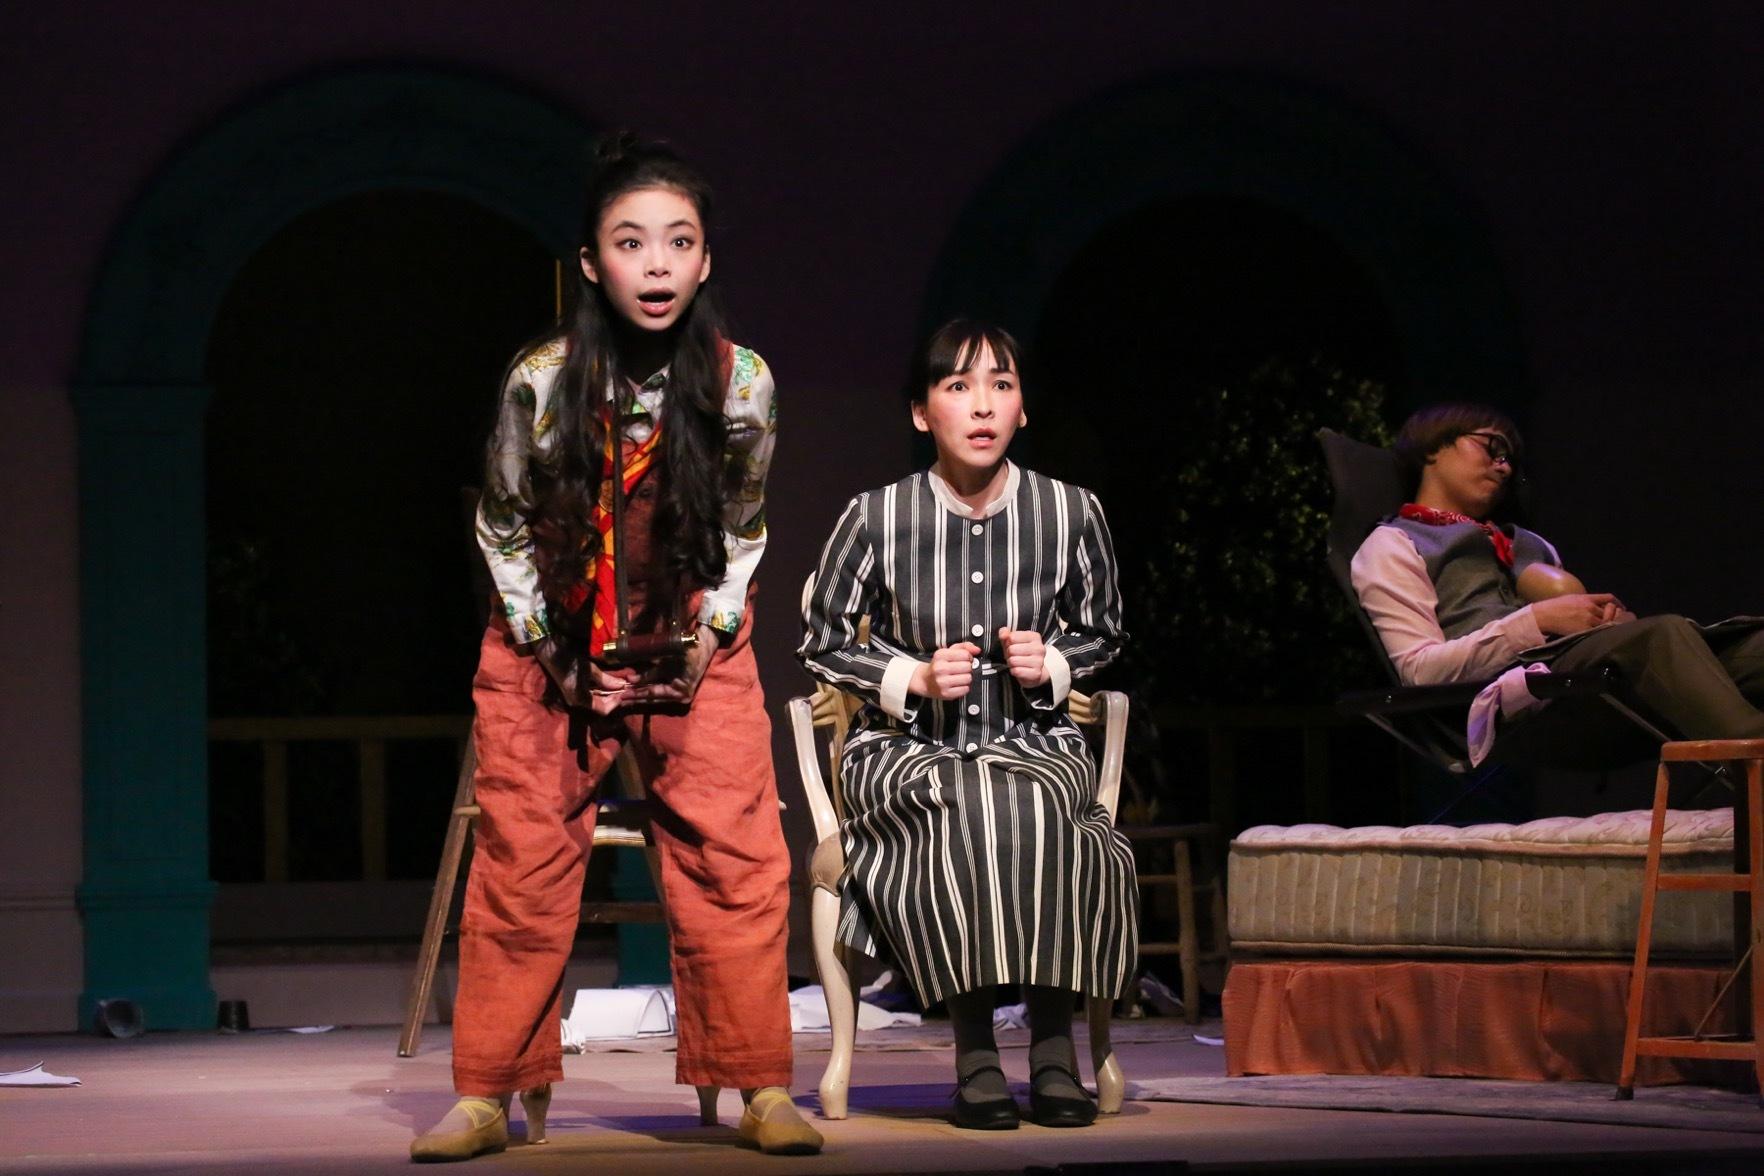 『クラッシャー女中』左:趣里、中央:麻生久美子、奥:田村健太郎 撮影:宮川舞子